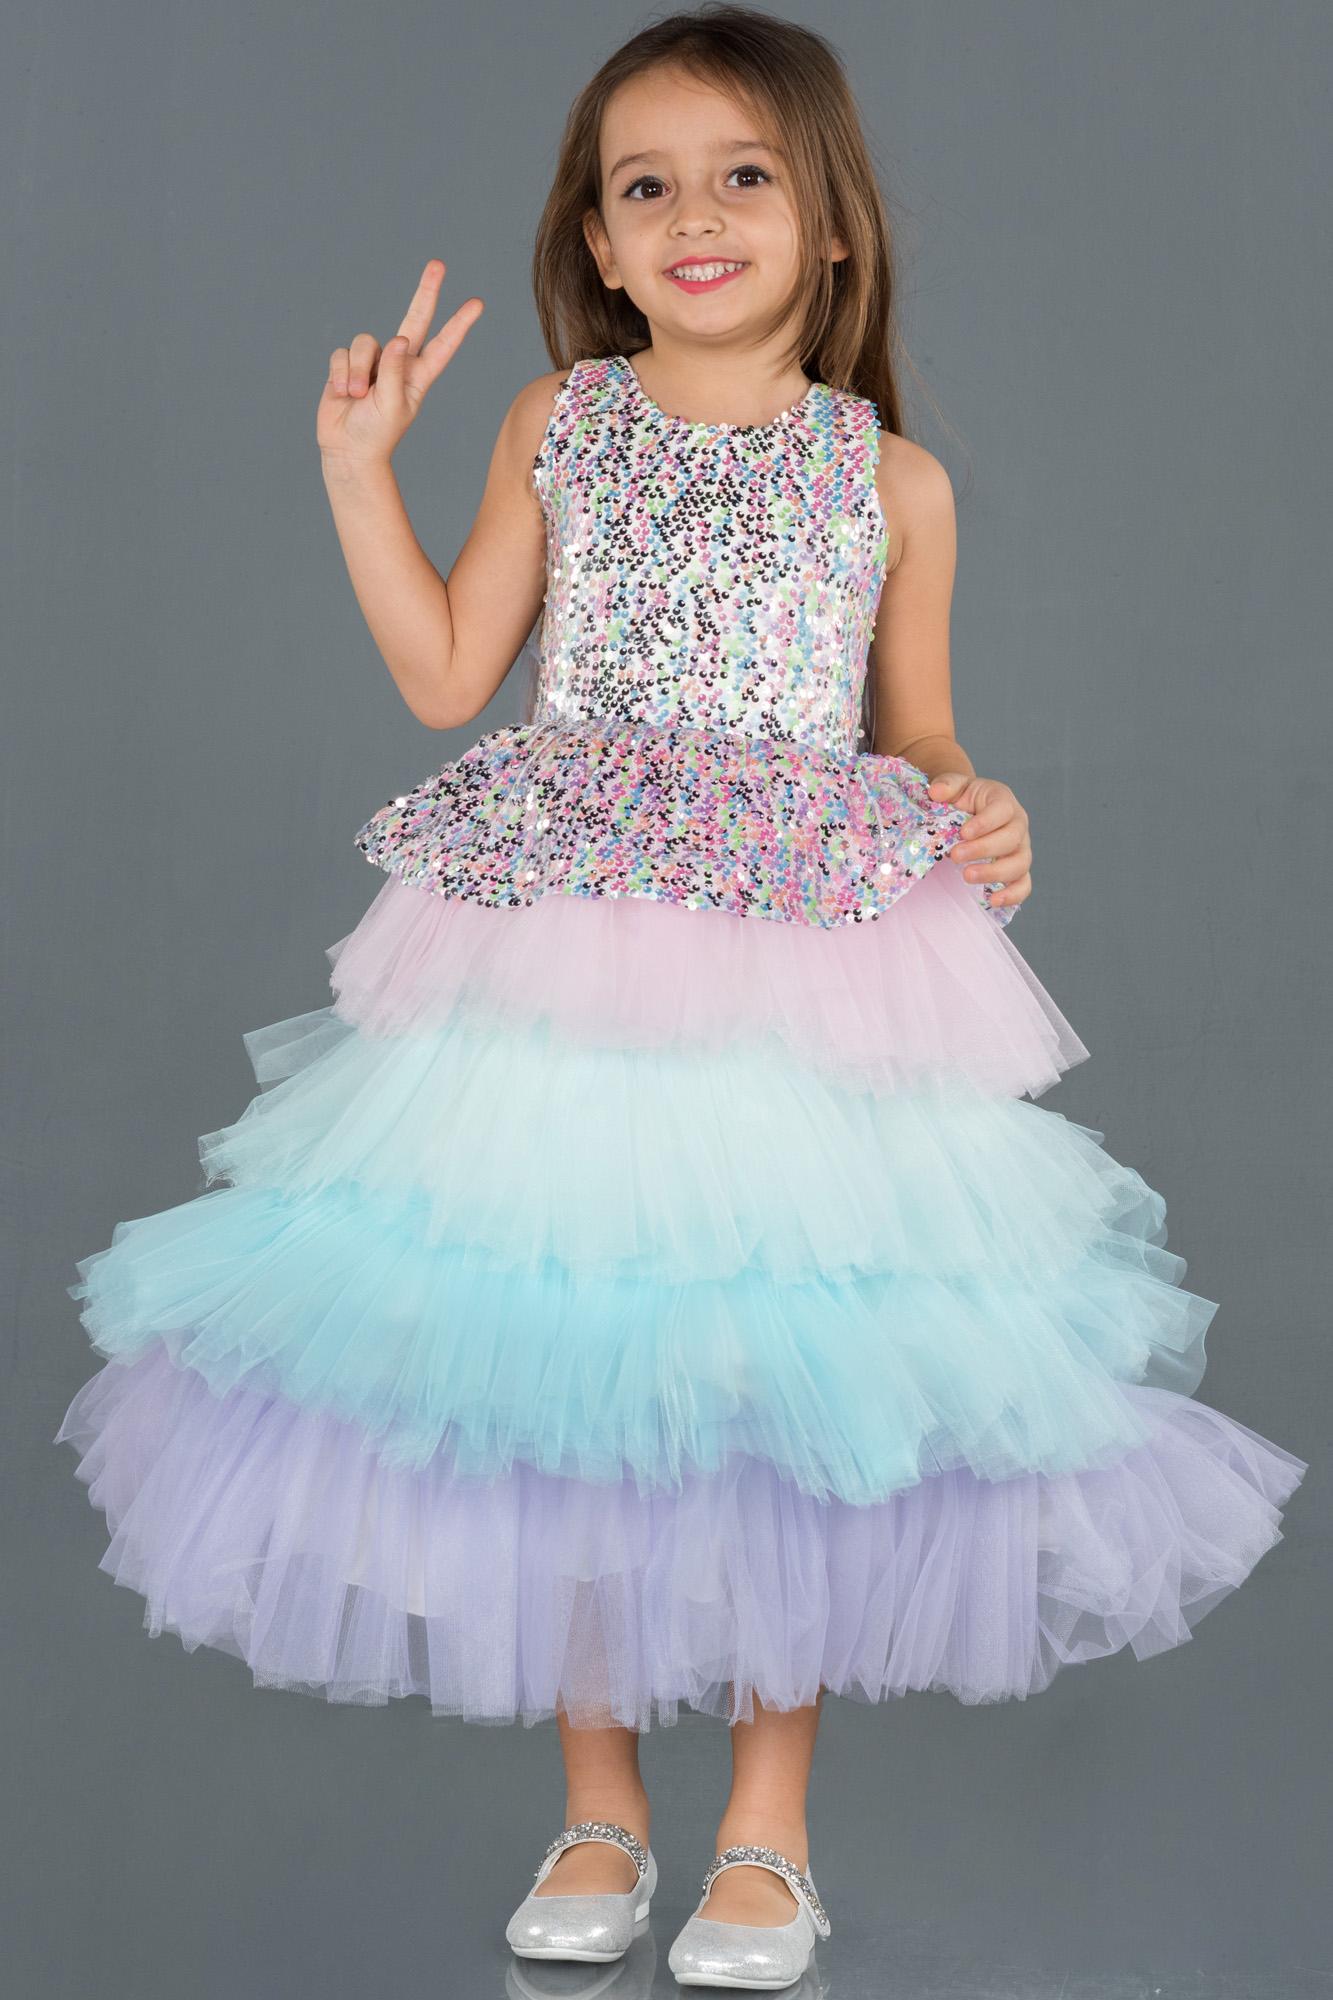 Rins Pul Detaylı Çocuk Abiye Elbise